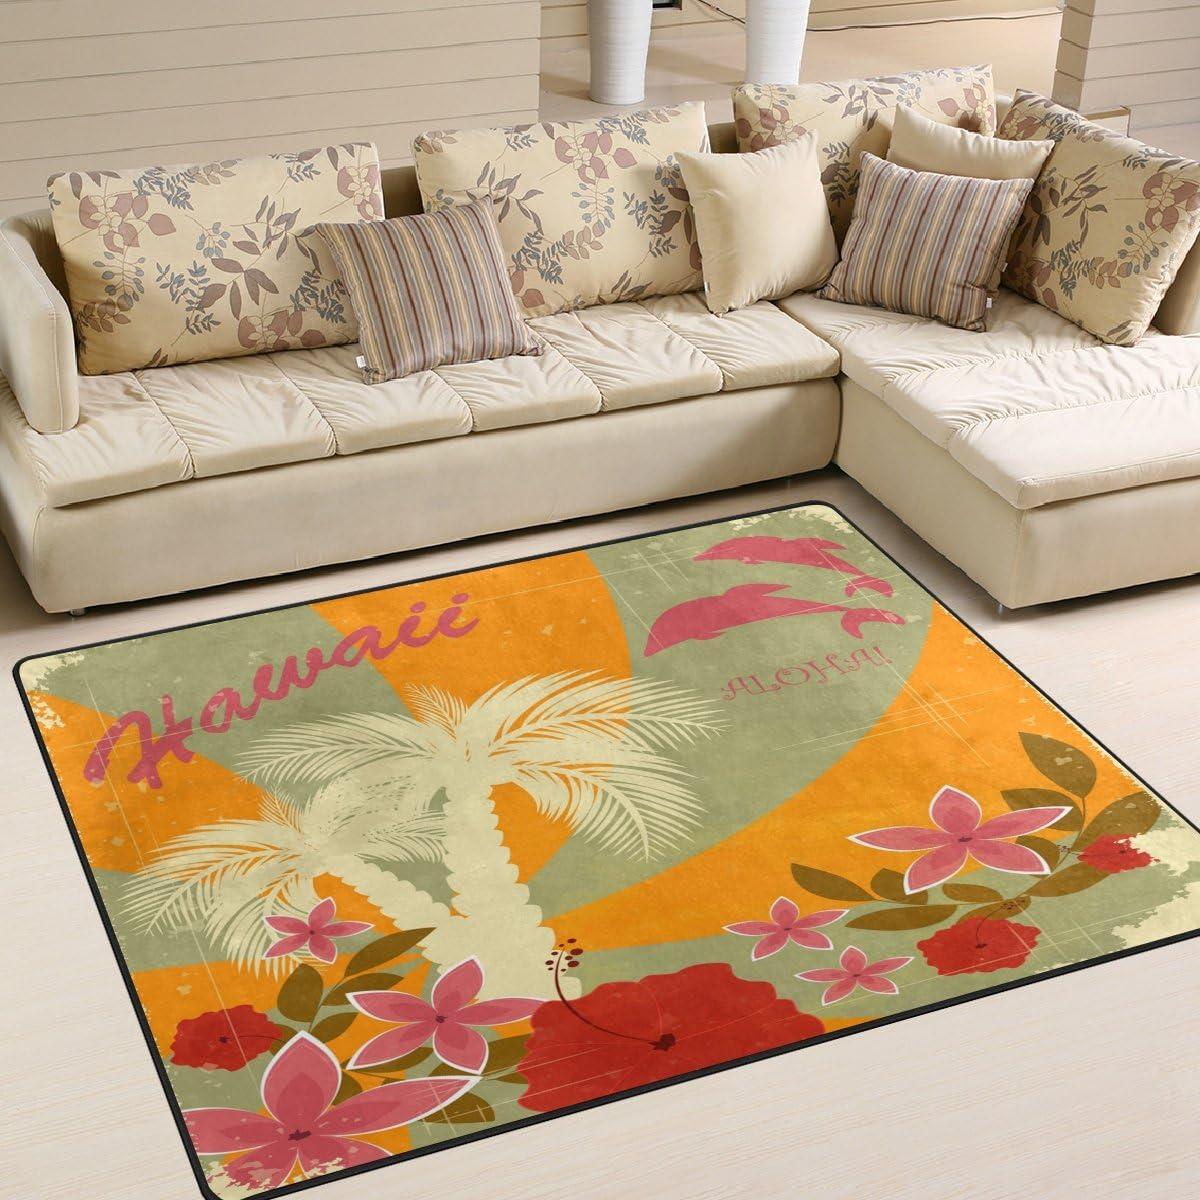 LORVIES Hawaiian Area Rug Carpet Non-Slip Floor Mat Doormat